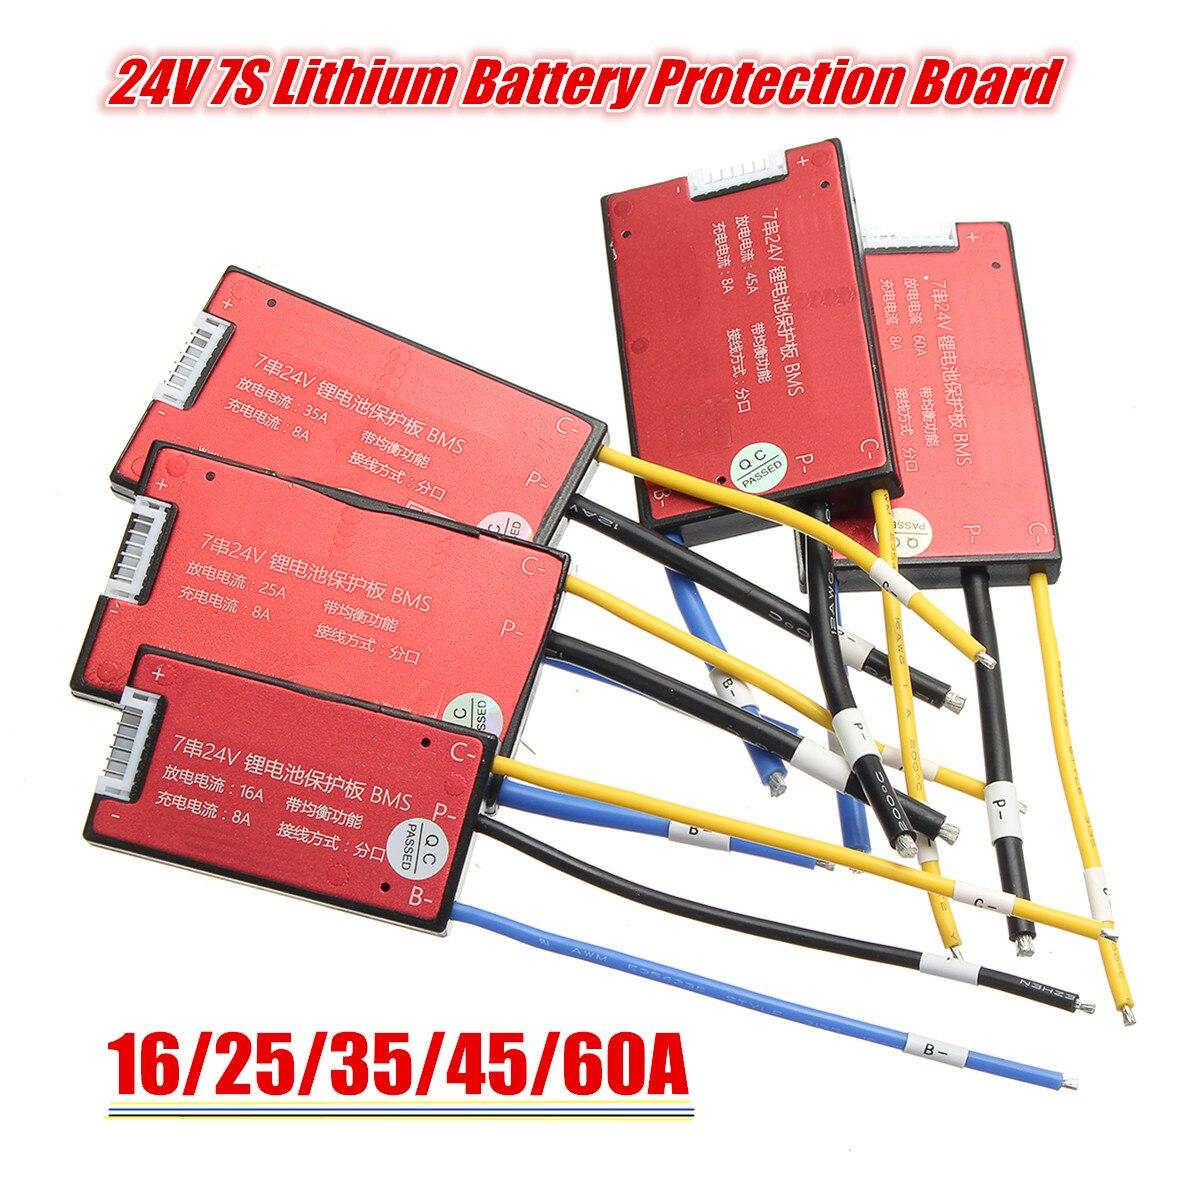 16 V/25A/35A/45A/60A S 7 S Li-Ion 18650 Lipolymer de batería BMS PCB PCM de la batería placa de protección para Ebike Ebicycle